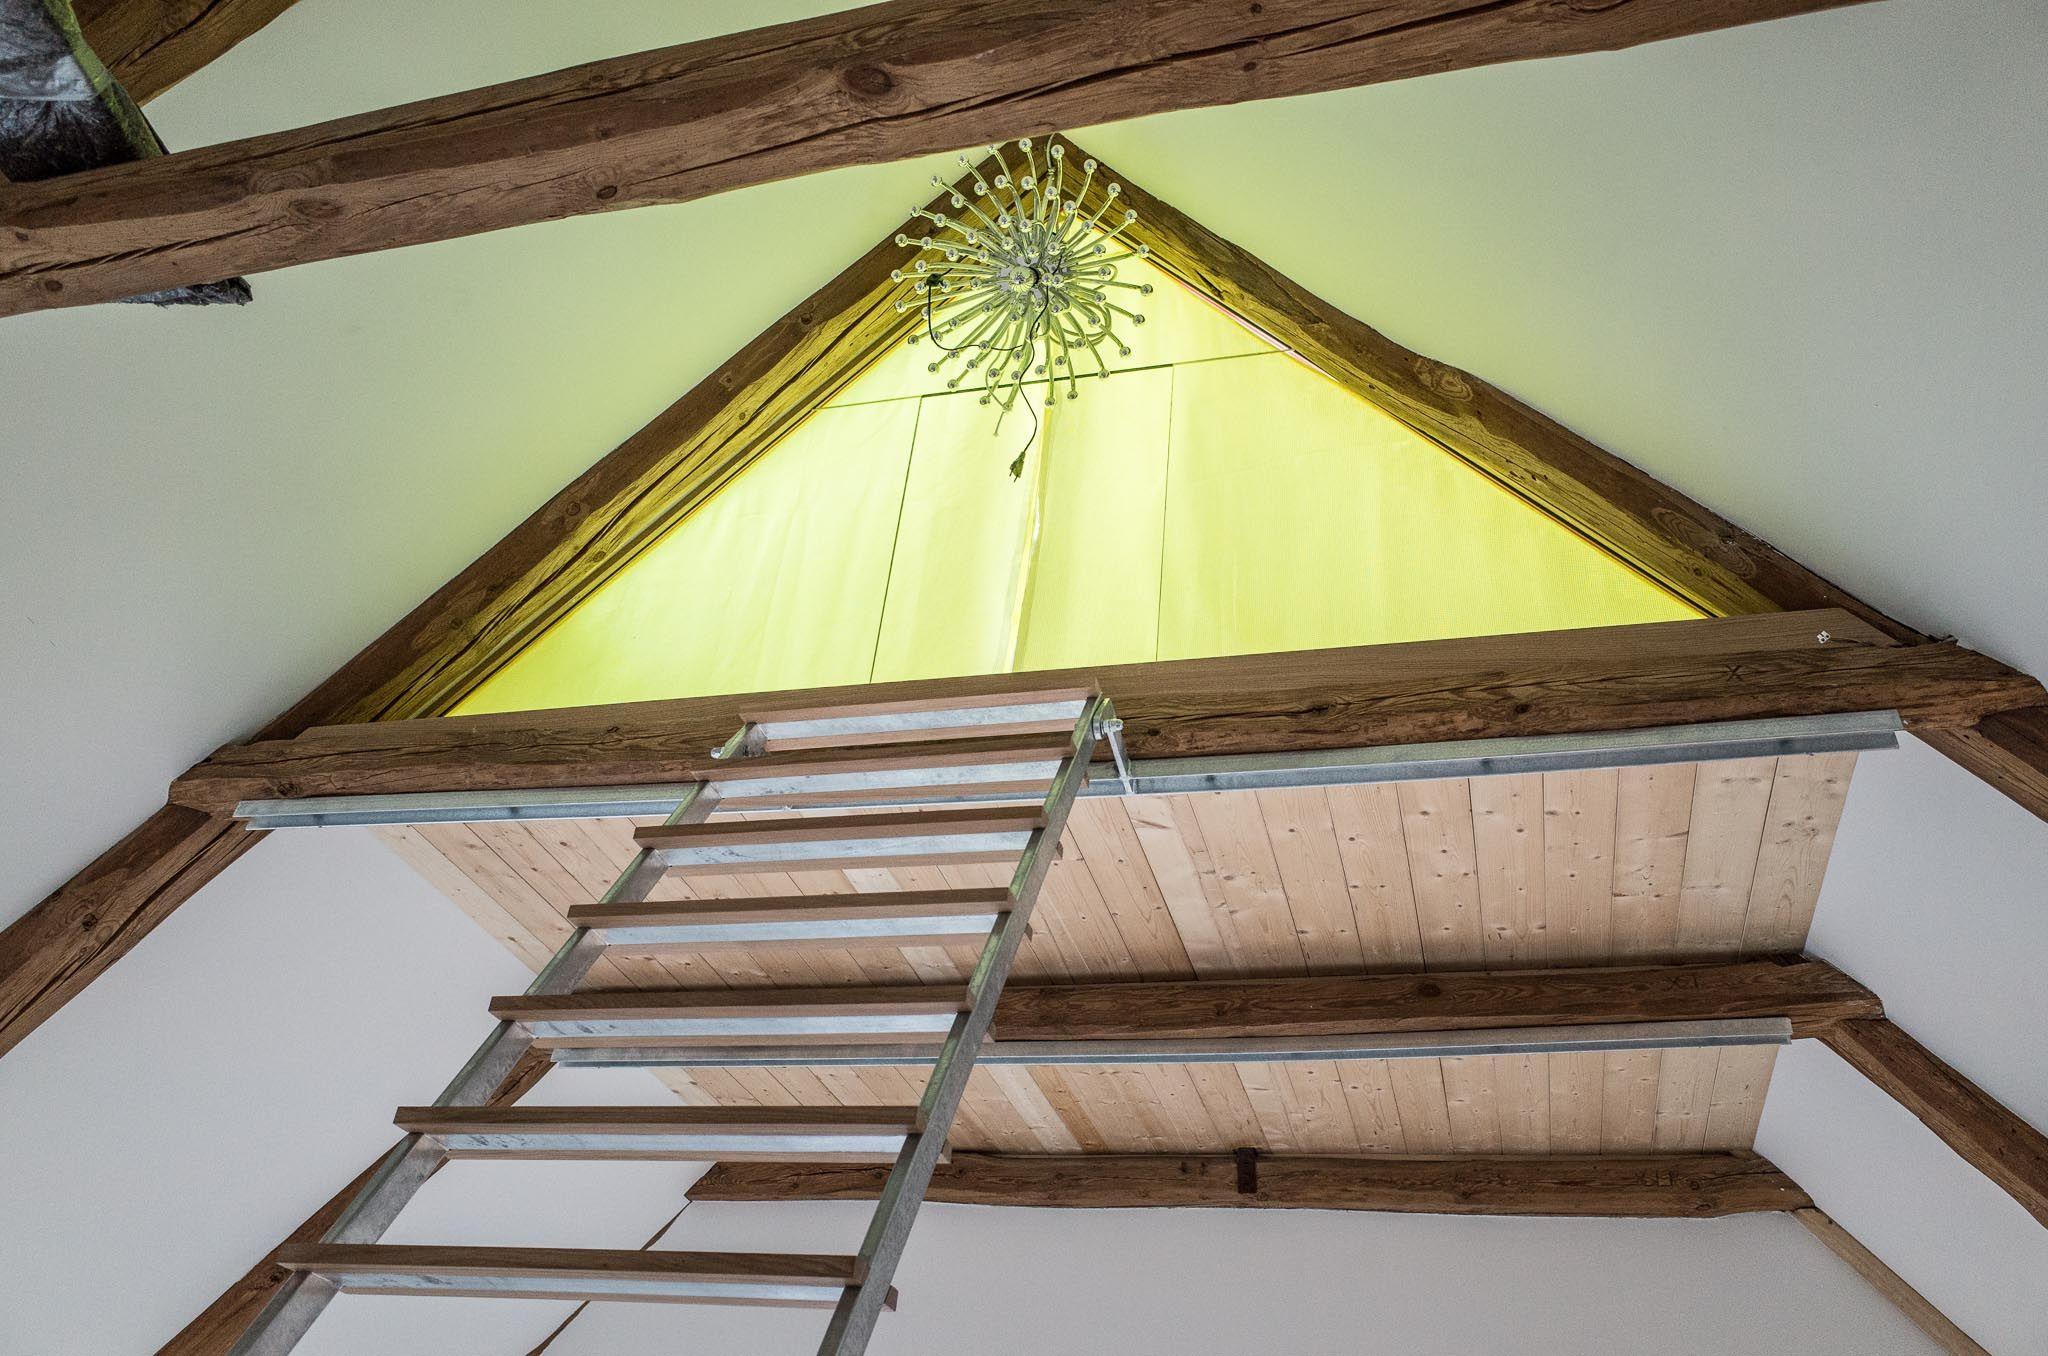 Lesezimmer lesen bilderbuch versteck auguck vogelkoje dachboden schlafzimmer spitzboden - Dachzimmer ausbauen ...